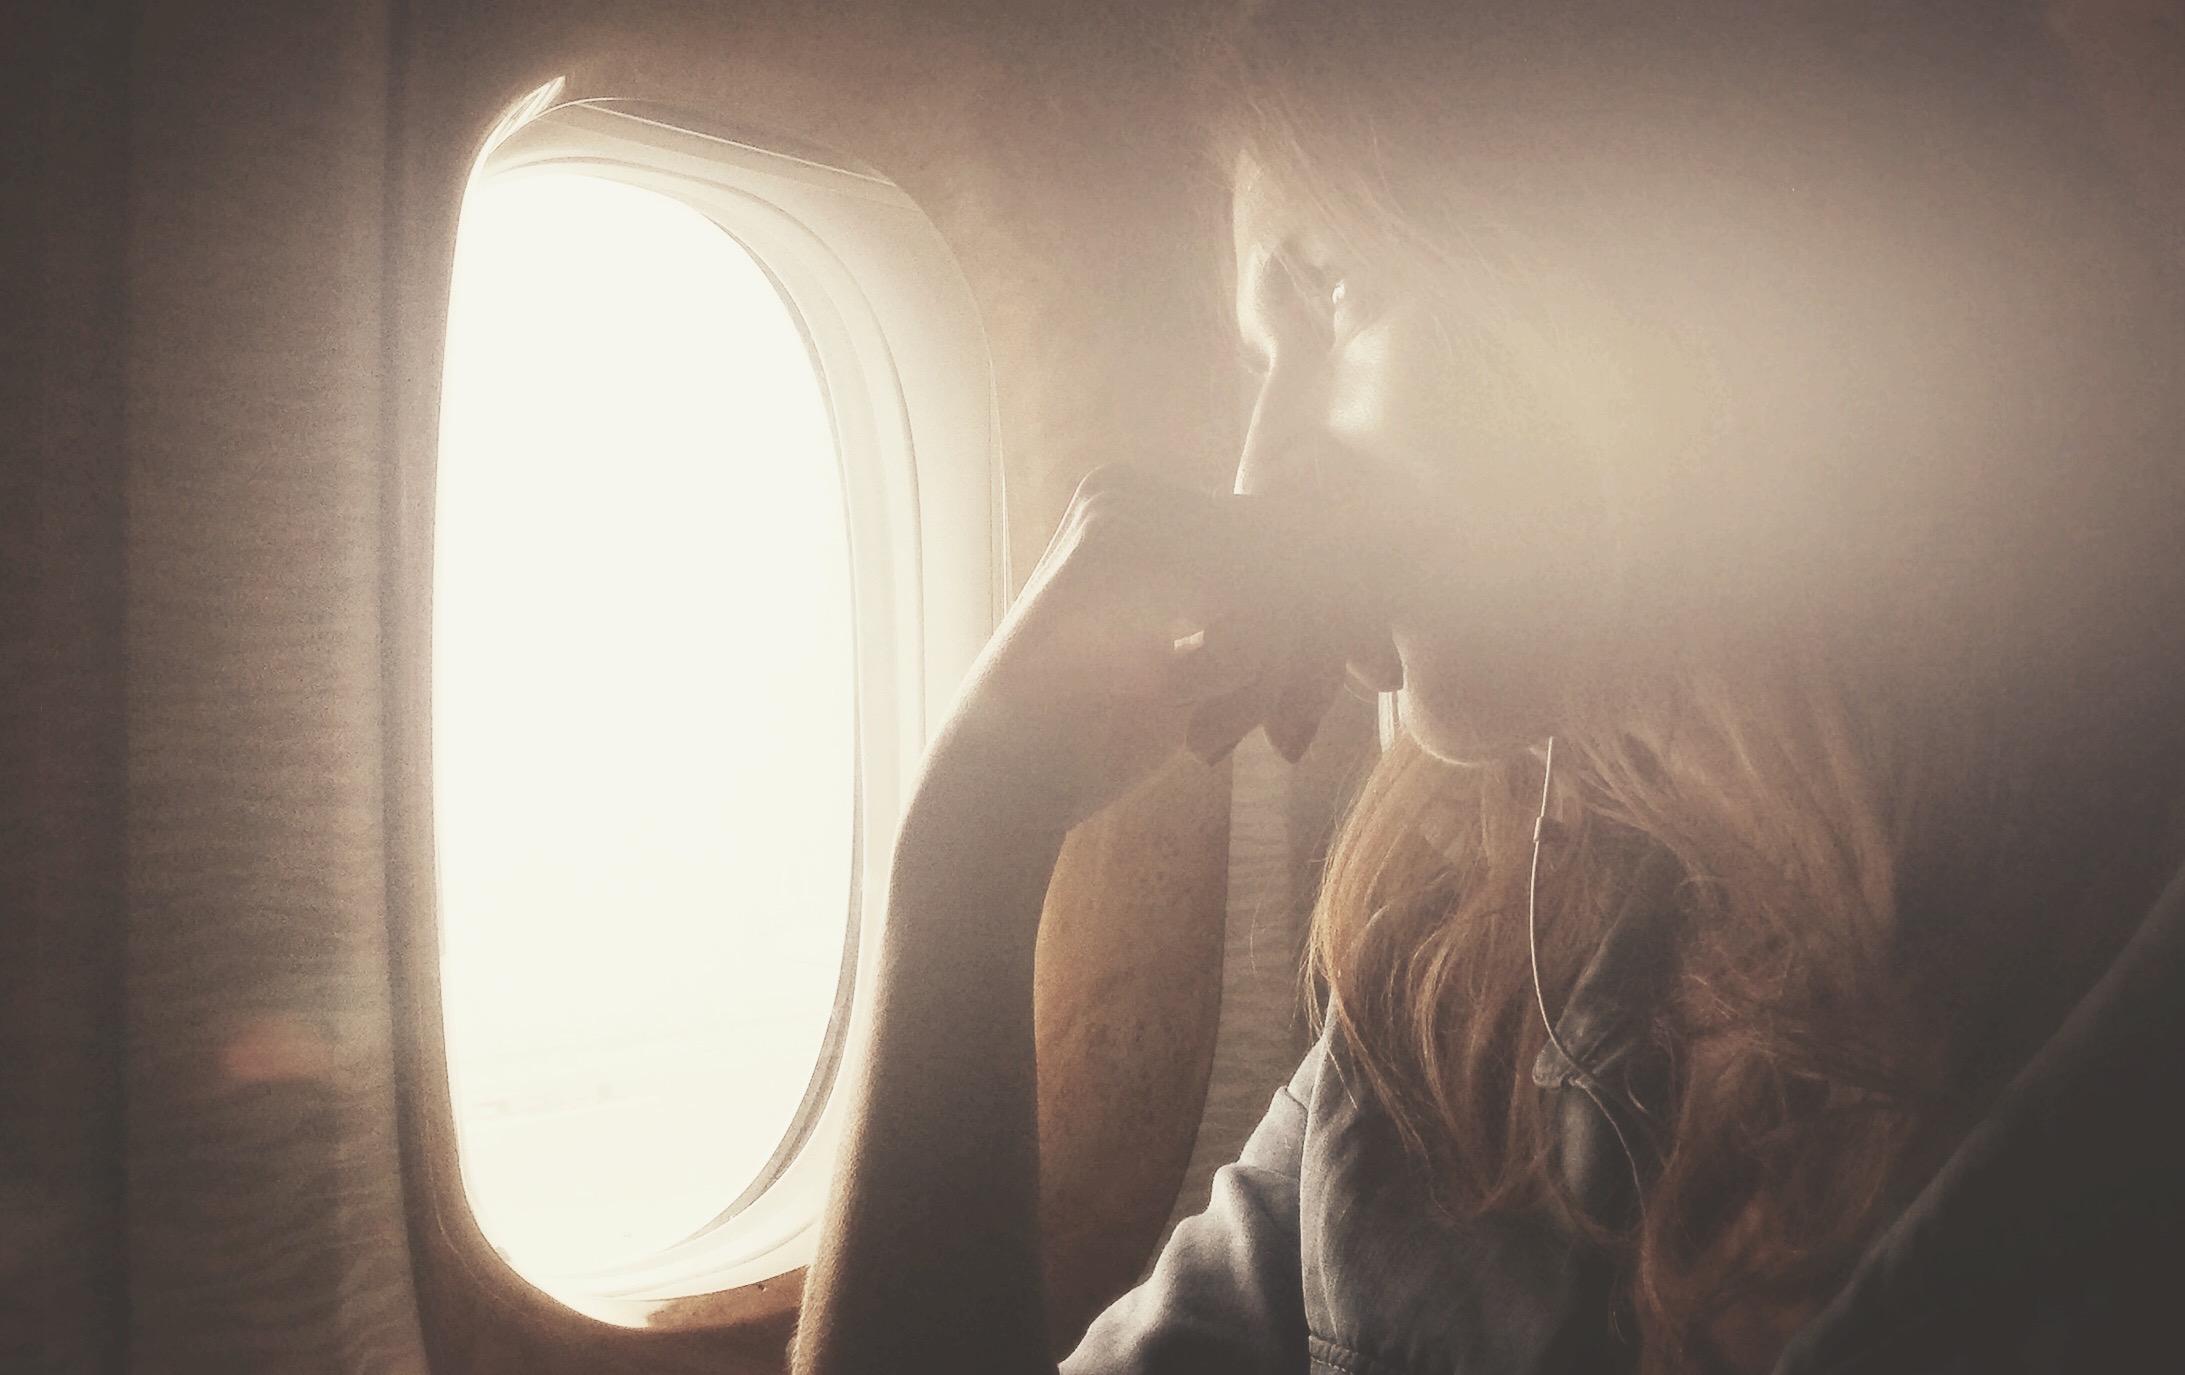 Klatschen im Flugzeug – Peinlich oder nette Geste?